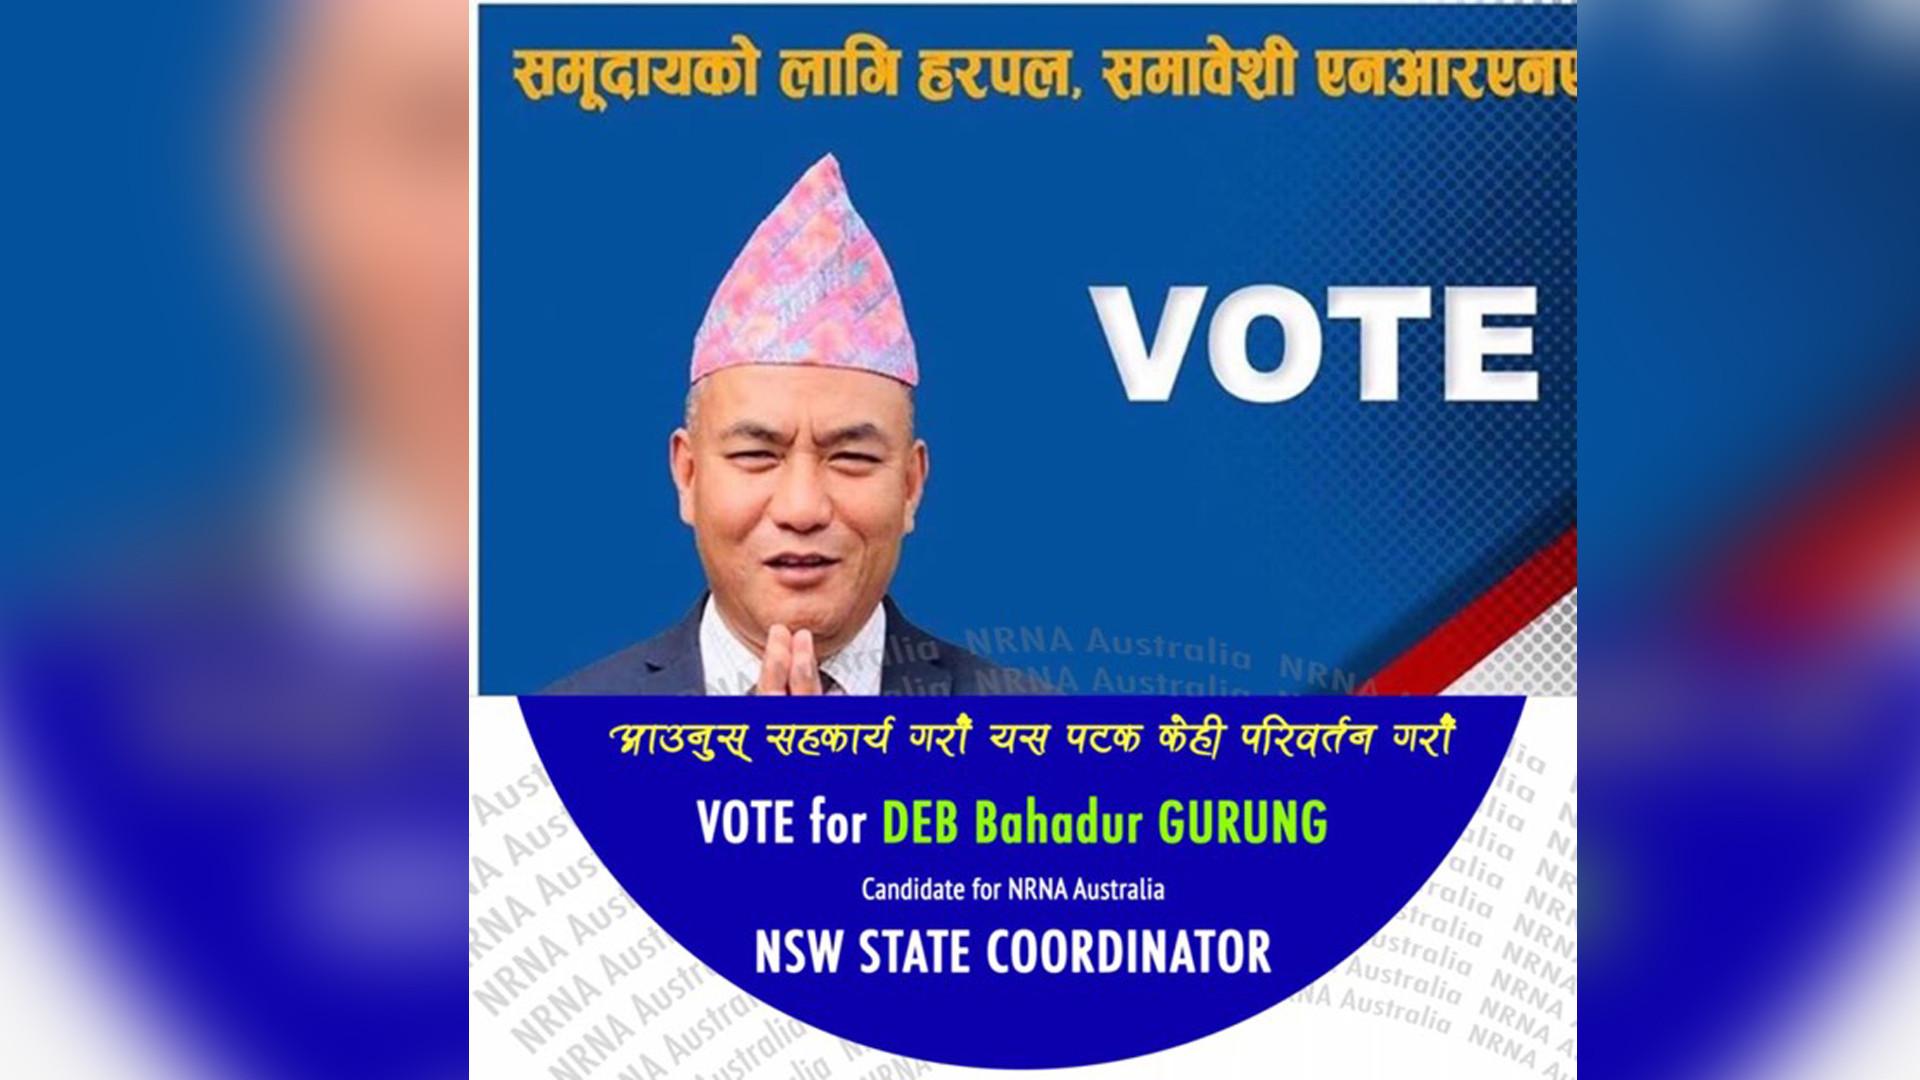 एनआरएनएमा चुनावी सरगर्मी, देवबहादुर गुरुङ उपाध्यक्षमा लड्ने